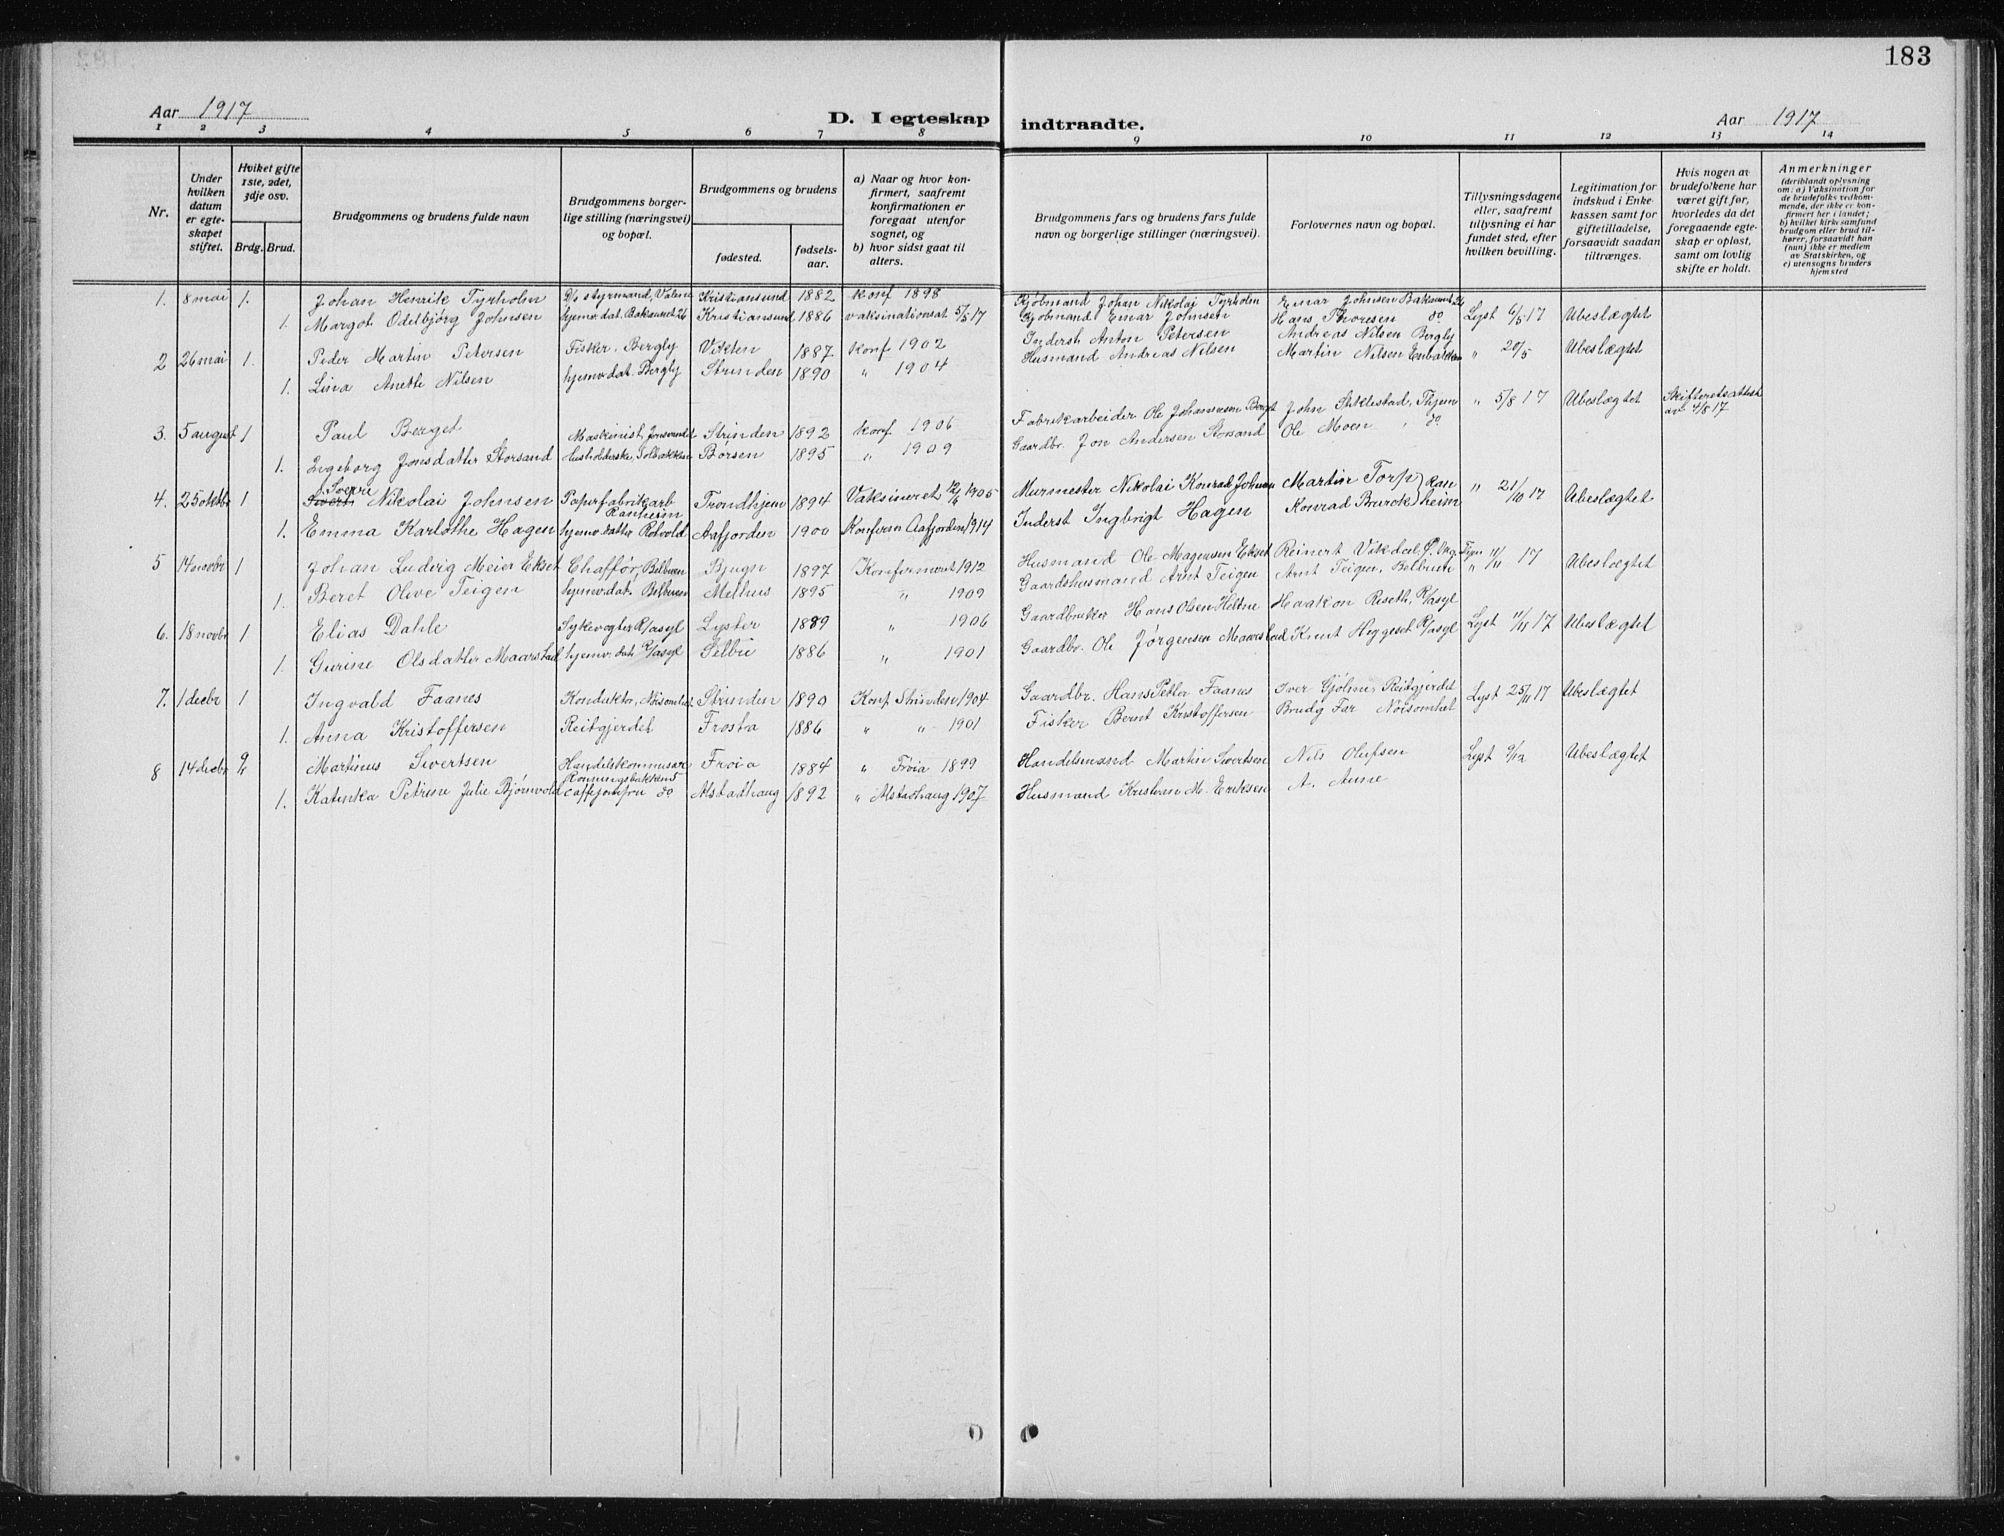 SAT, Ministerialprotokoller, klokkerbøker og fødselsregistre - Sør-Trøndelag, 606/L0314: Klokkerbok nr. 606C10, 1911-1937, s. 183